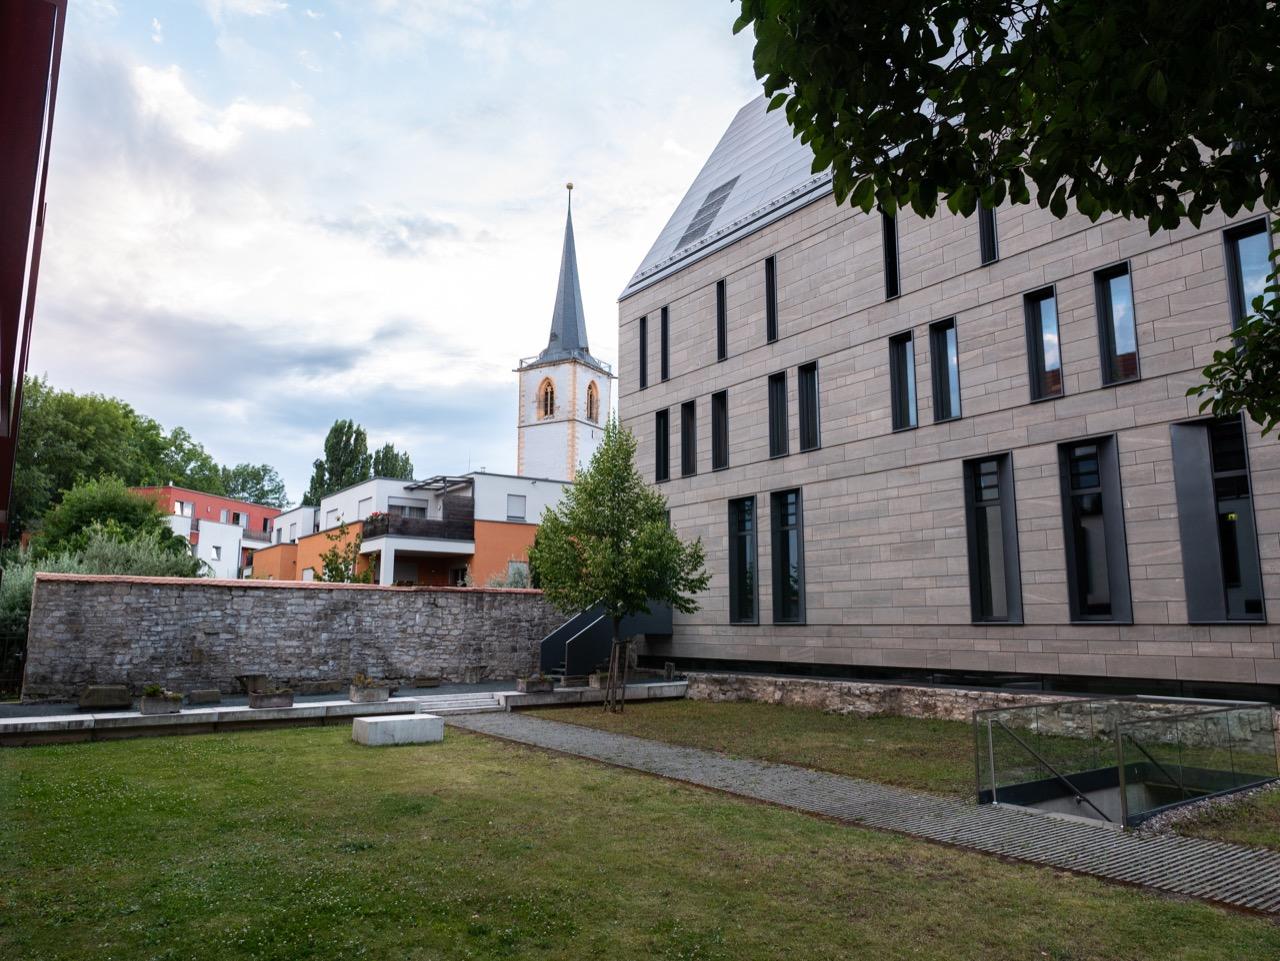 Abgang zum Ort der Stille, Blick auf den Nikolaiturm und Eingang zur Rosenkirche